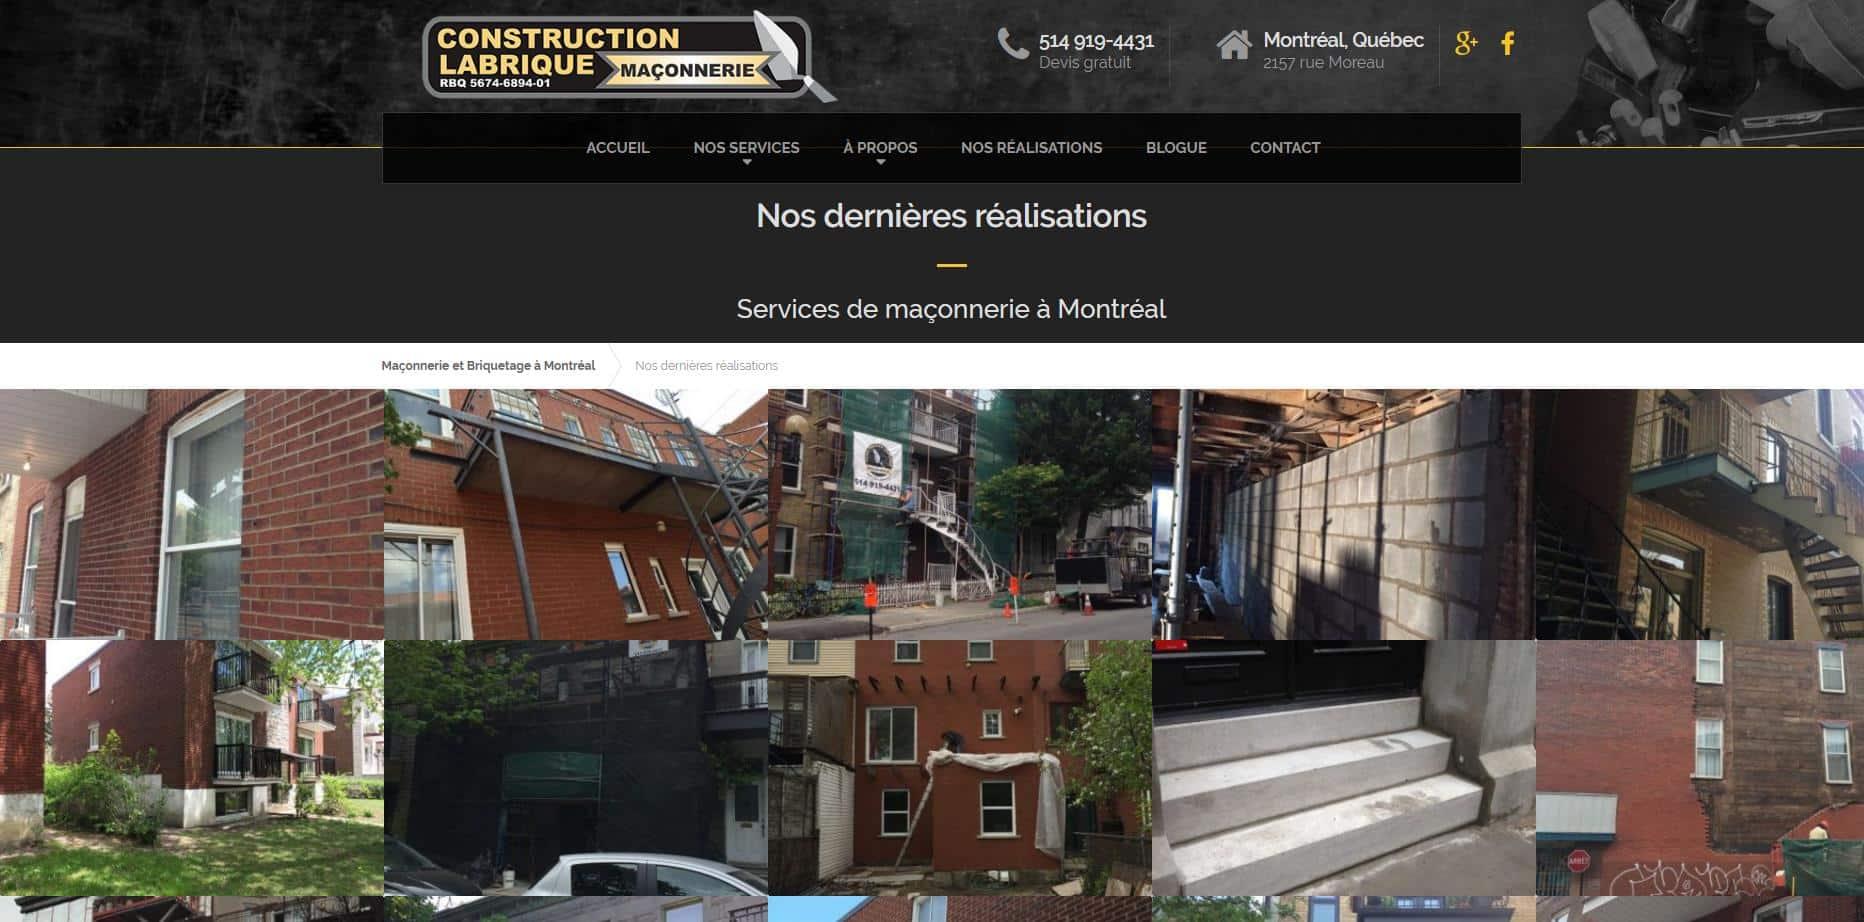 conception-web-pour-construction-labrique-11